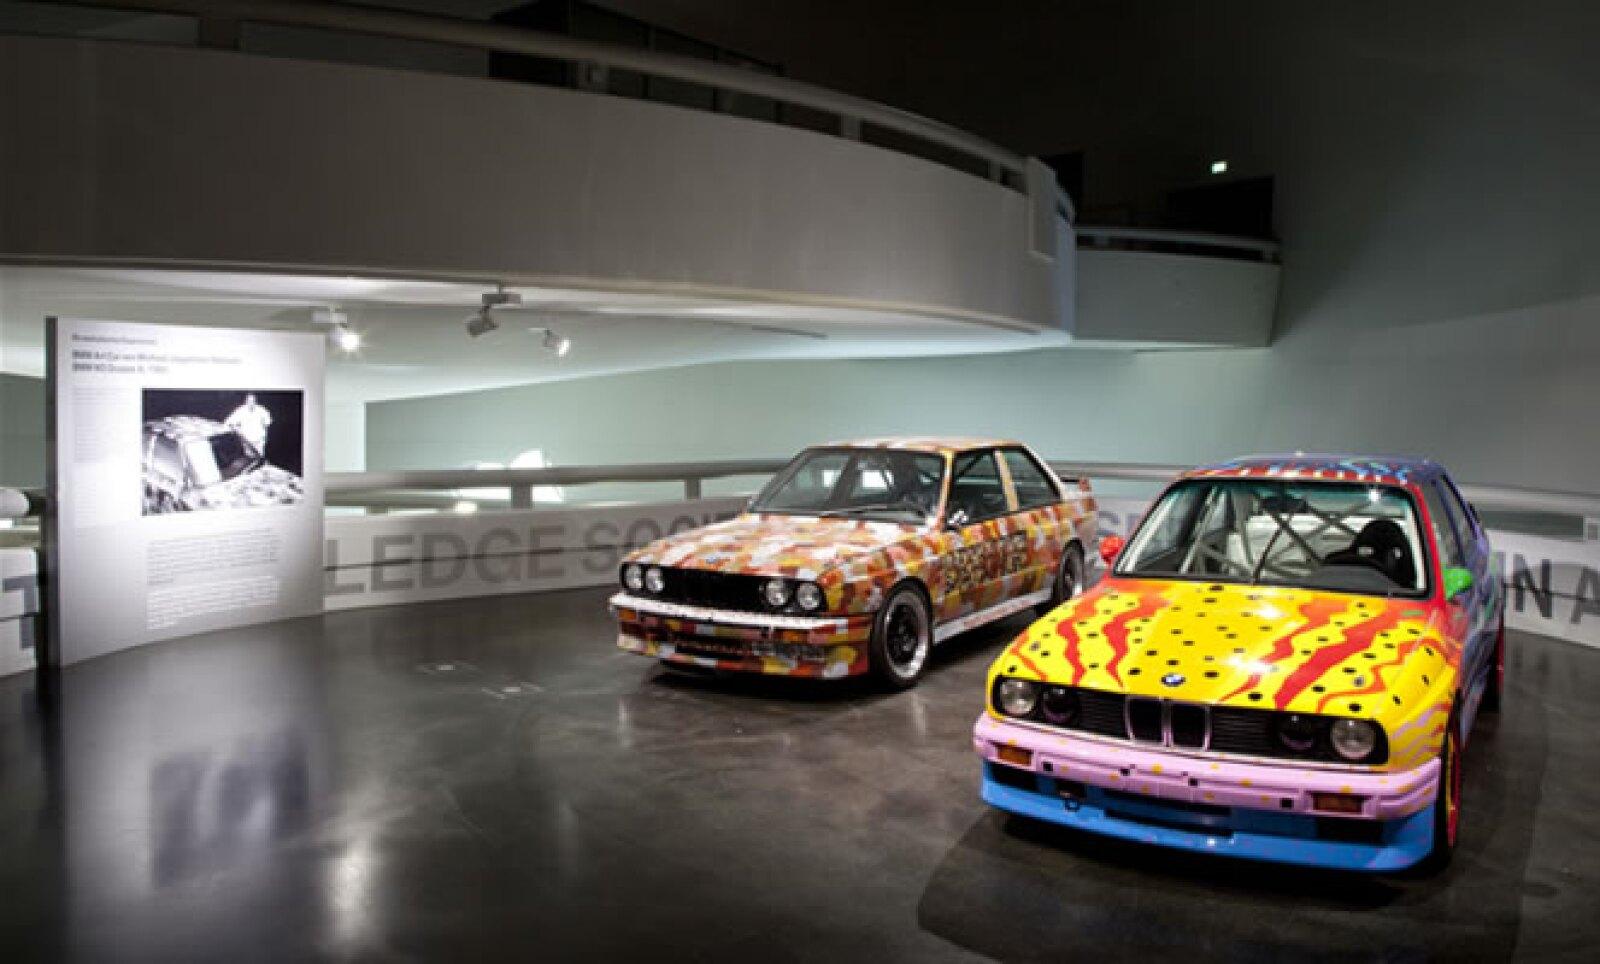 Es la primera vez que se expone en un mismo recinto la colección completa de estos automóviles, con la inclusión del más reciente modelo, producto de la imaginación del artista Jeff Koons.